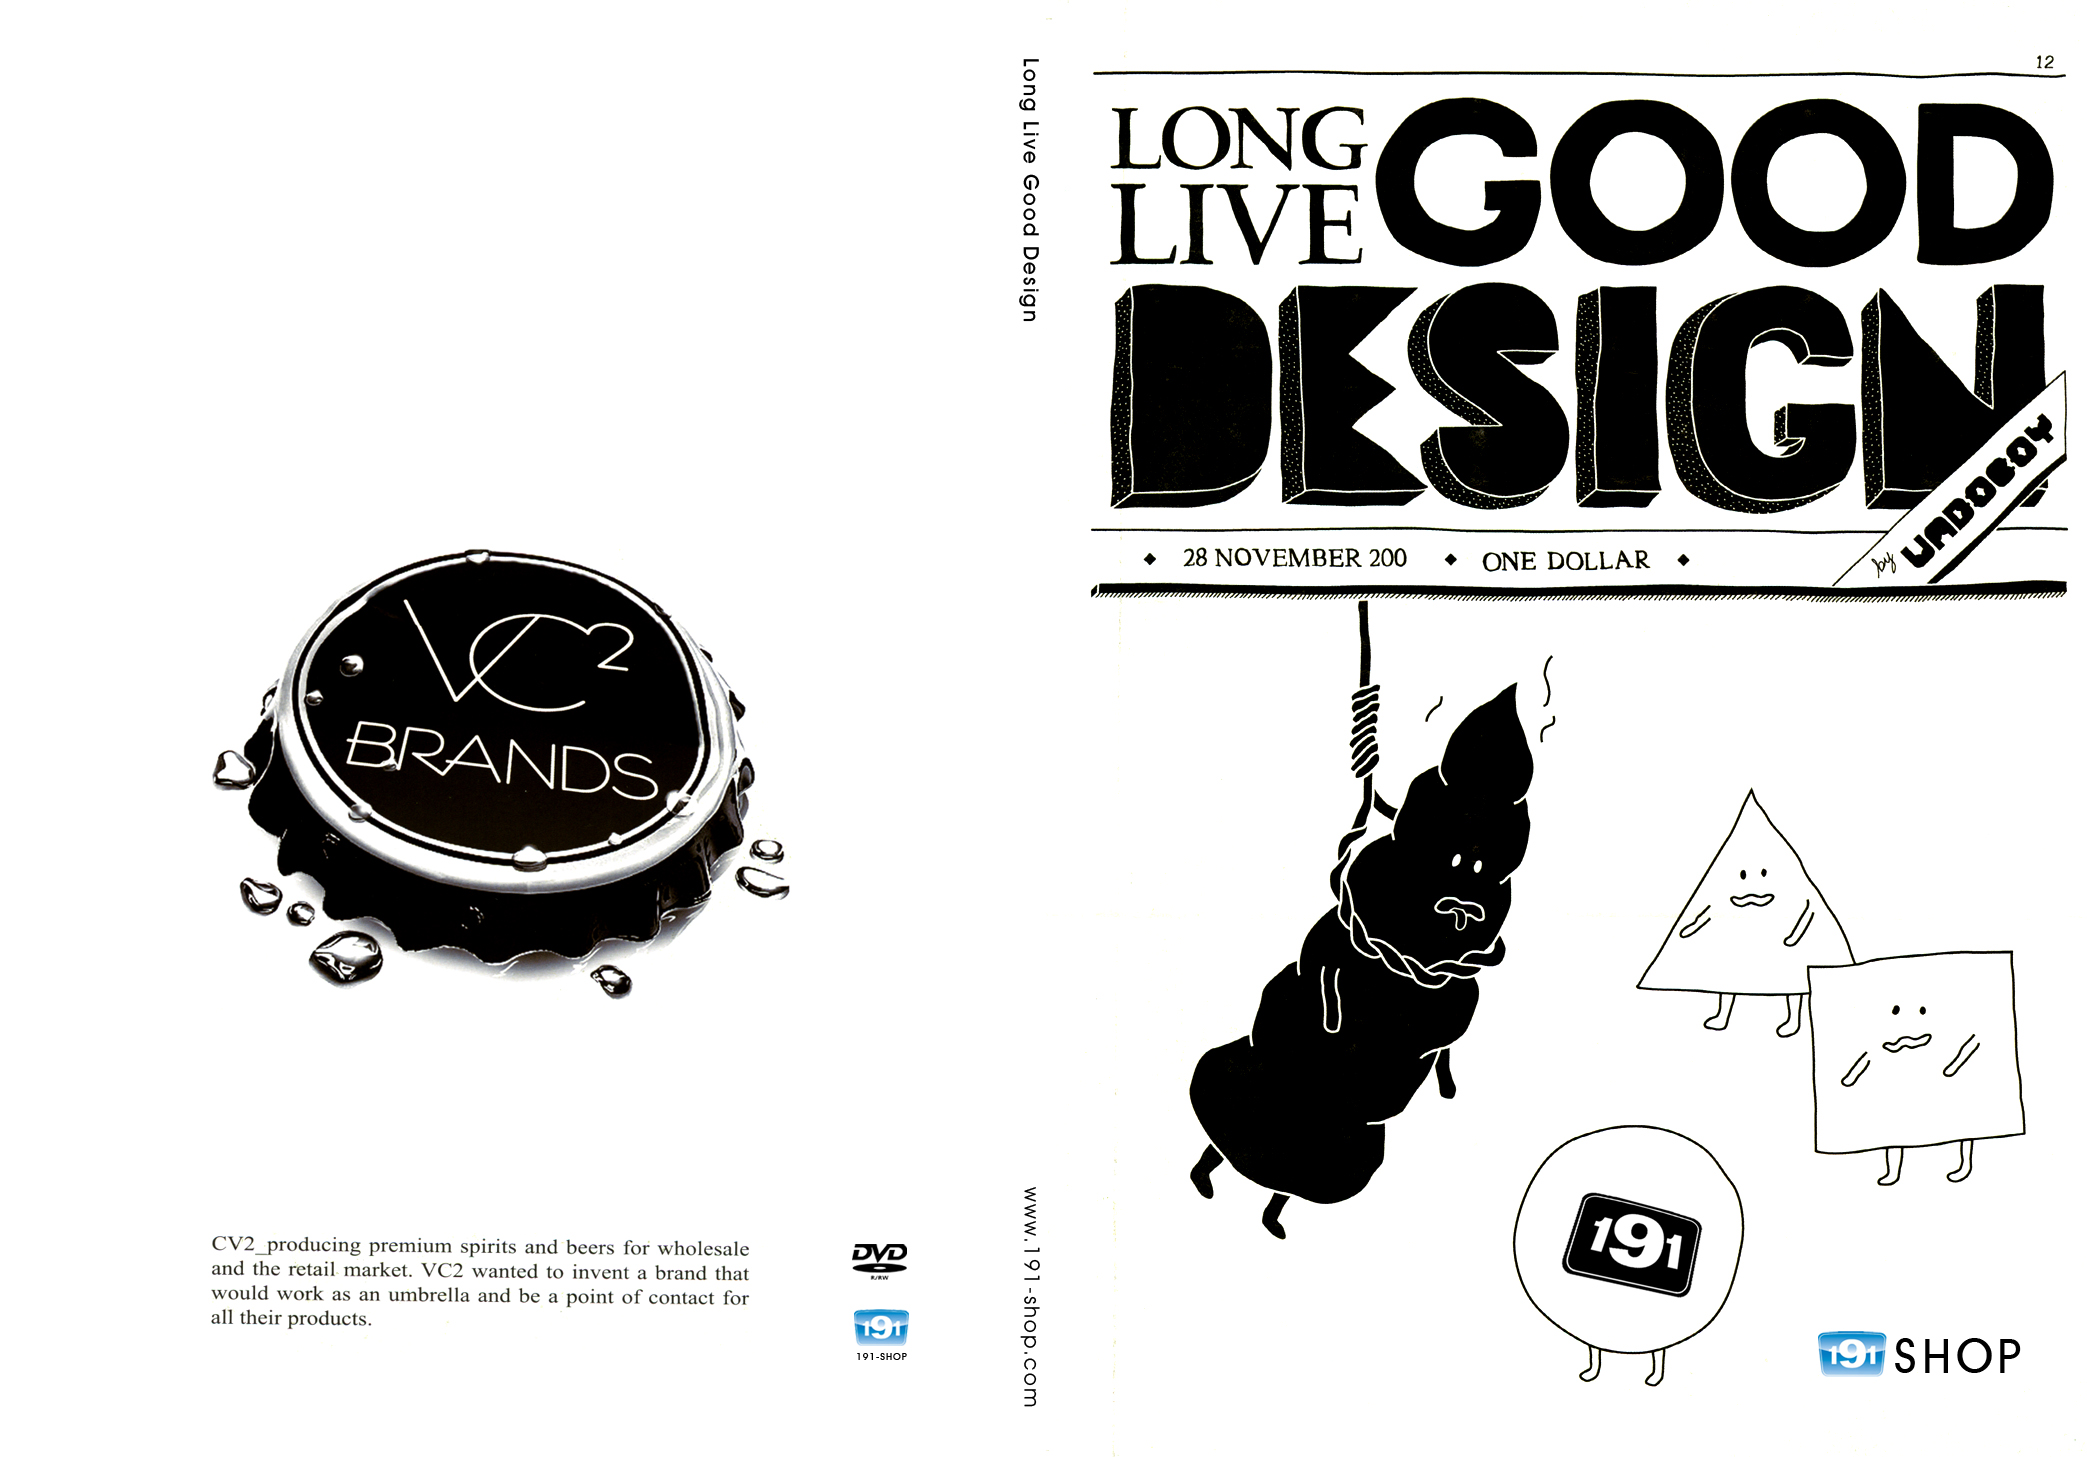 书籍封面设计图片简单的图案展示